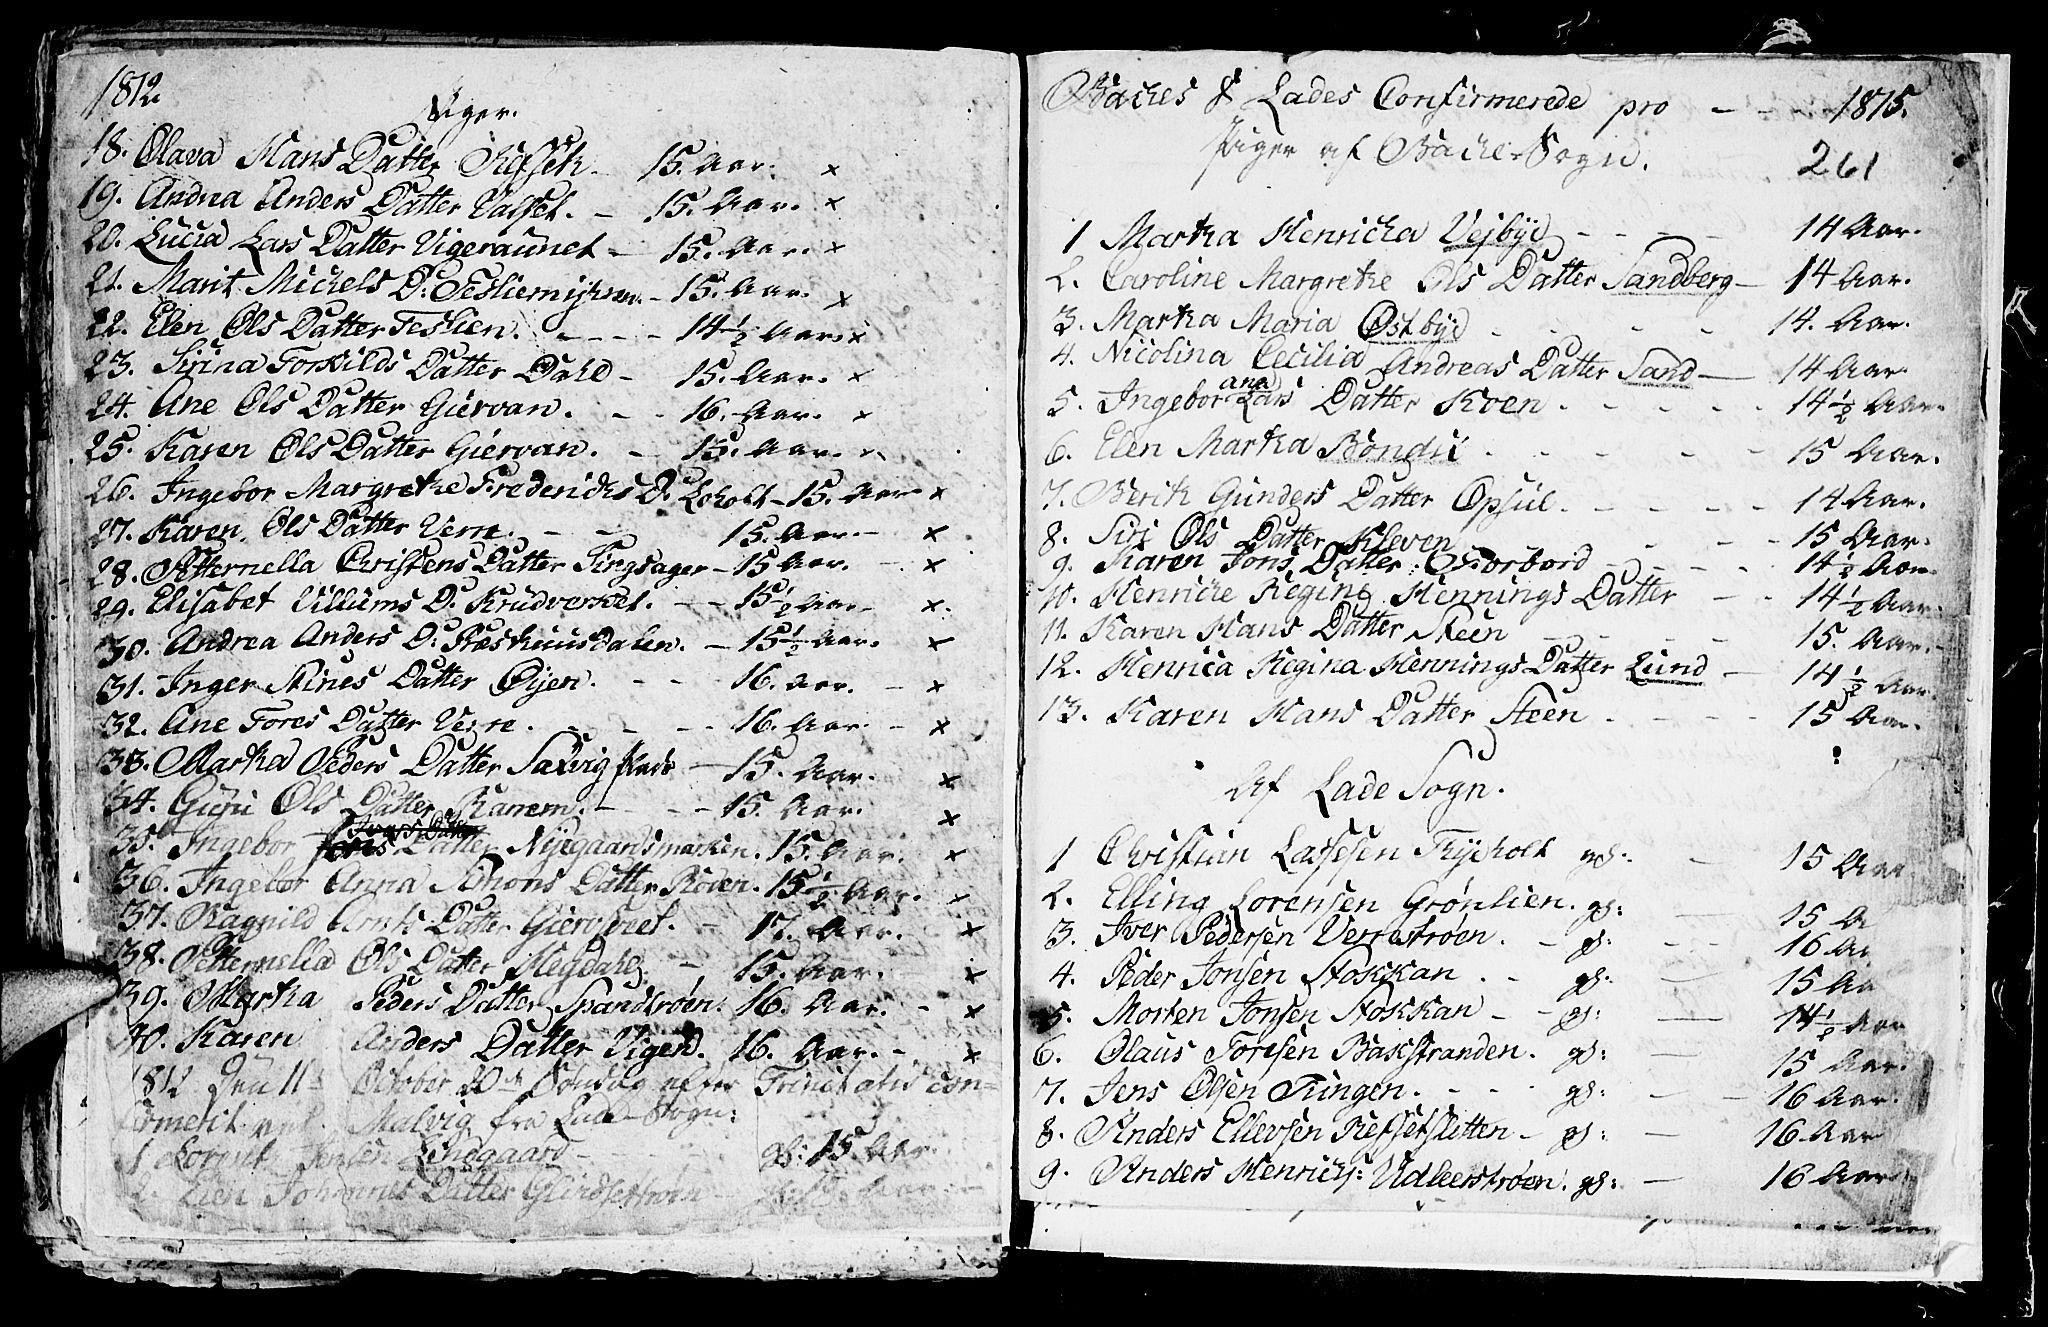 SAT, Ministerialprotokoller, klokkerbøker og fødselsregistre - Sør-Trøndelag, 604/L0218: Klokkerbok nr. 604C01, 1754-1819, s. 261